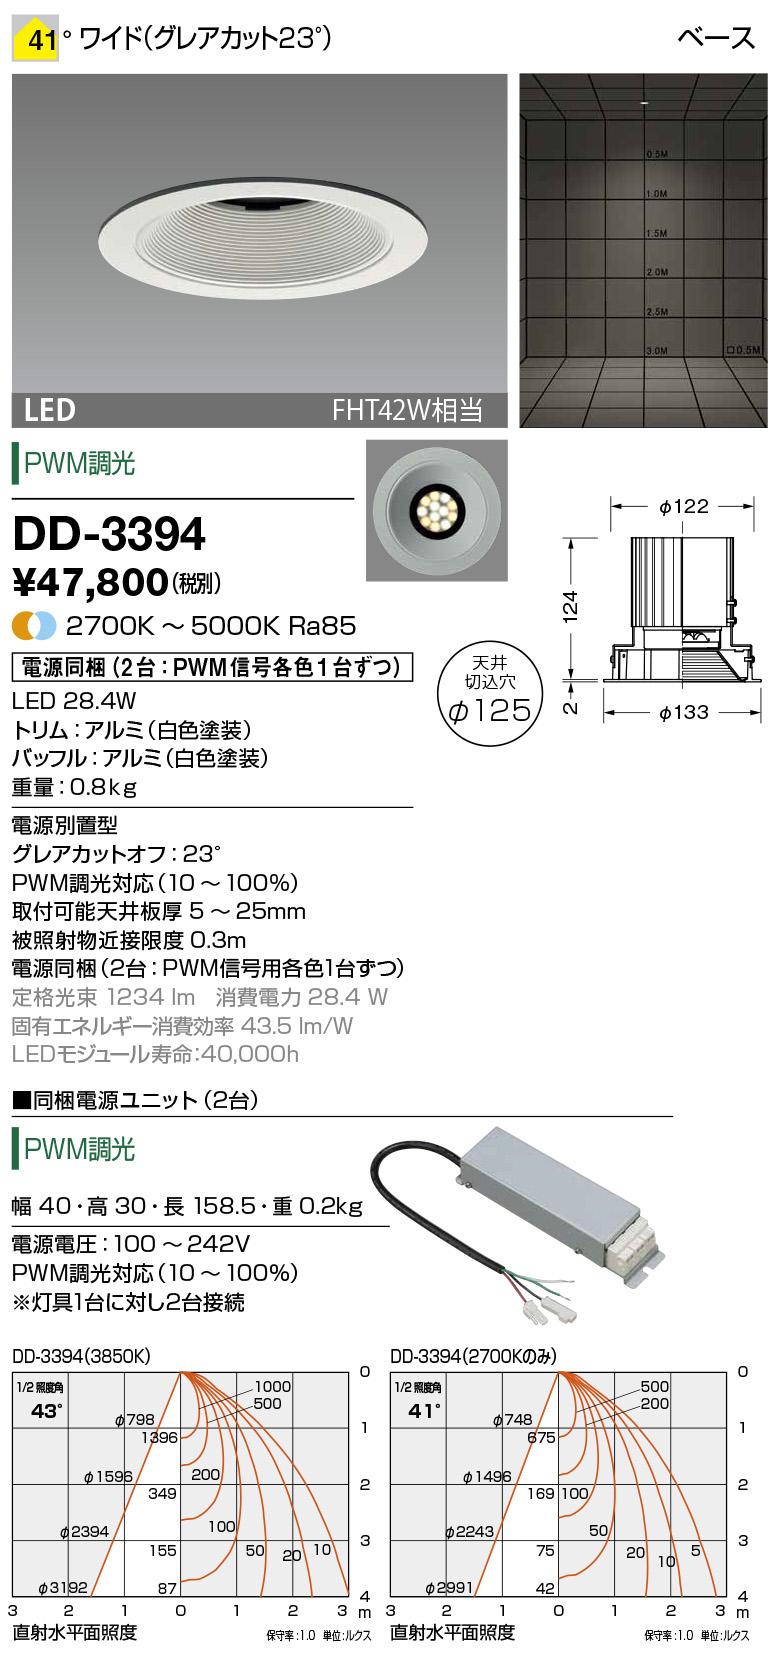 山田照明 照明器具LED一体型ダウンライト モルフシリーズ ベースタイプ調色調光タイプ FHT42W相当DD-3394